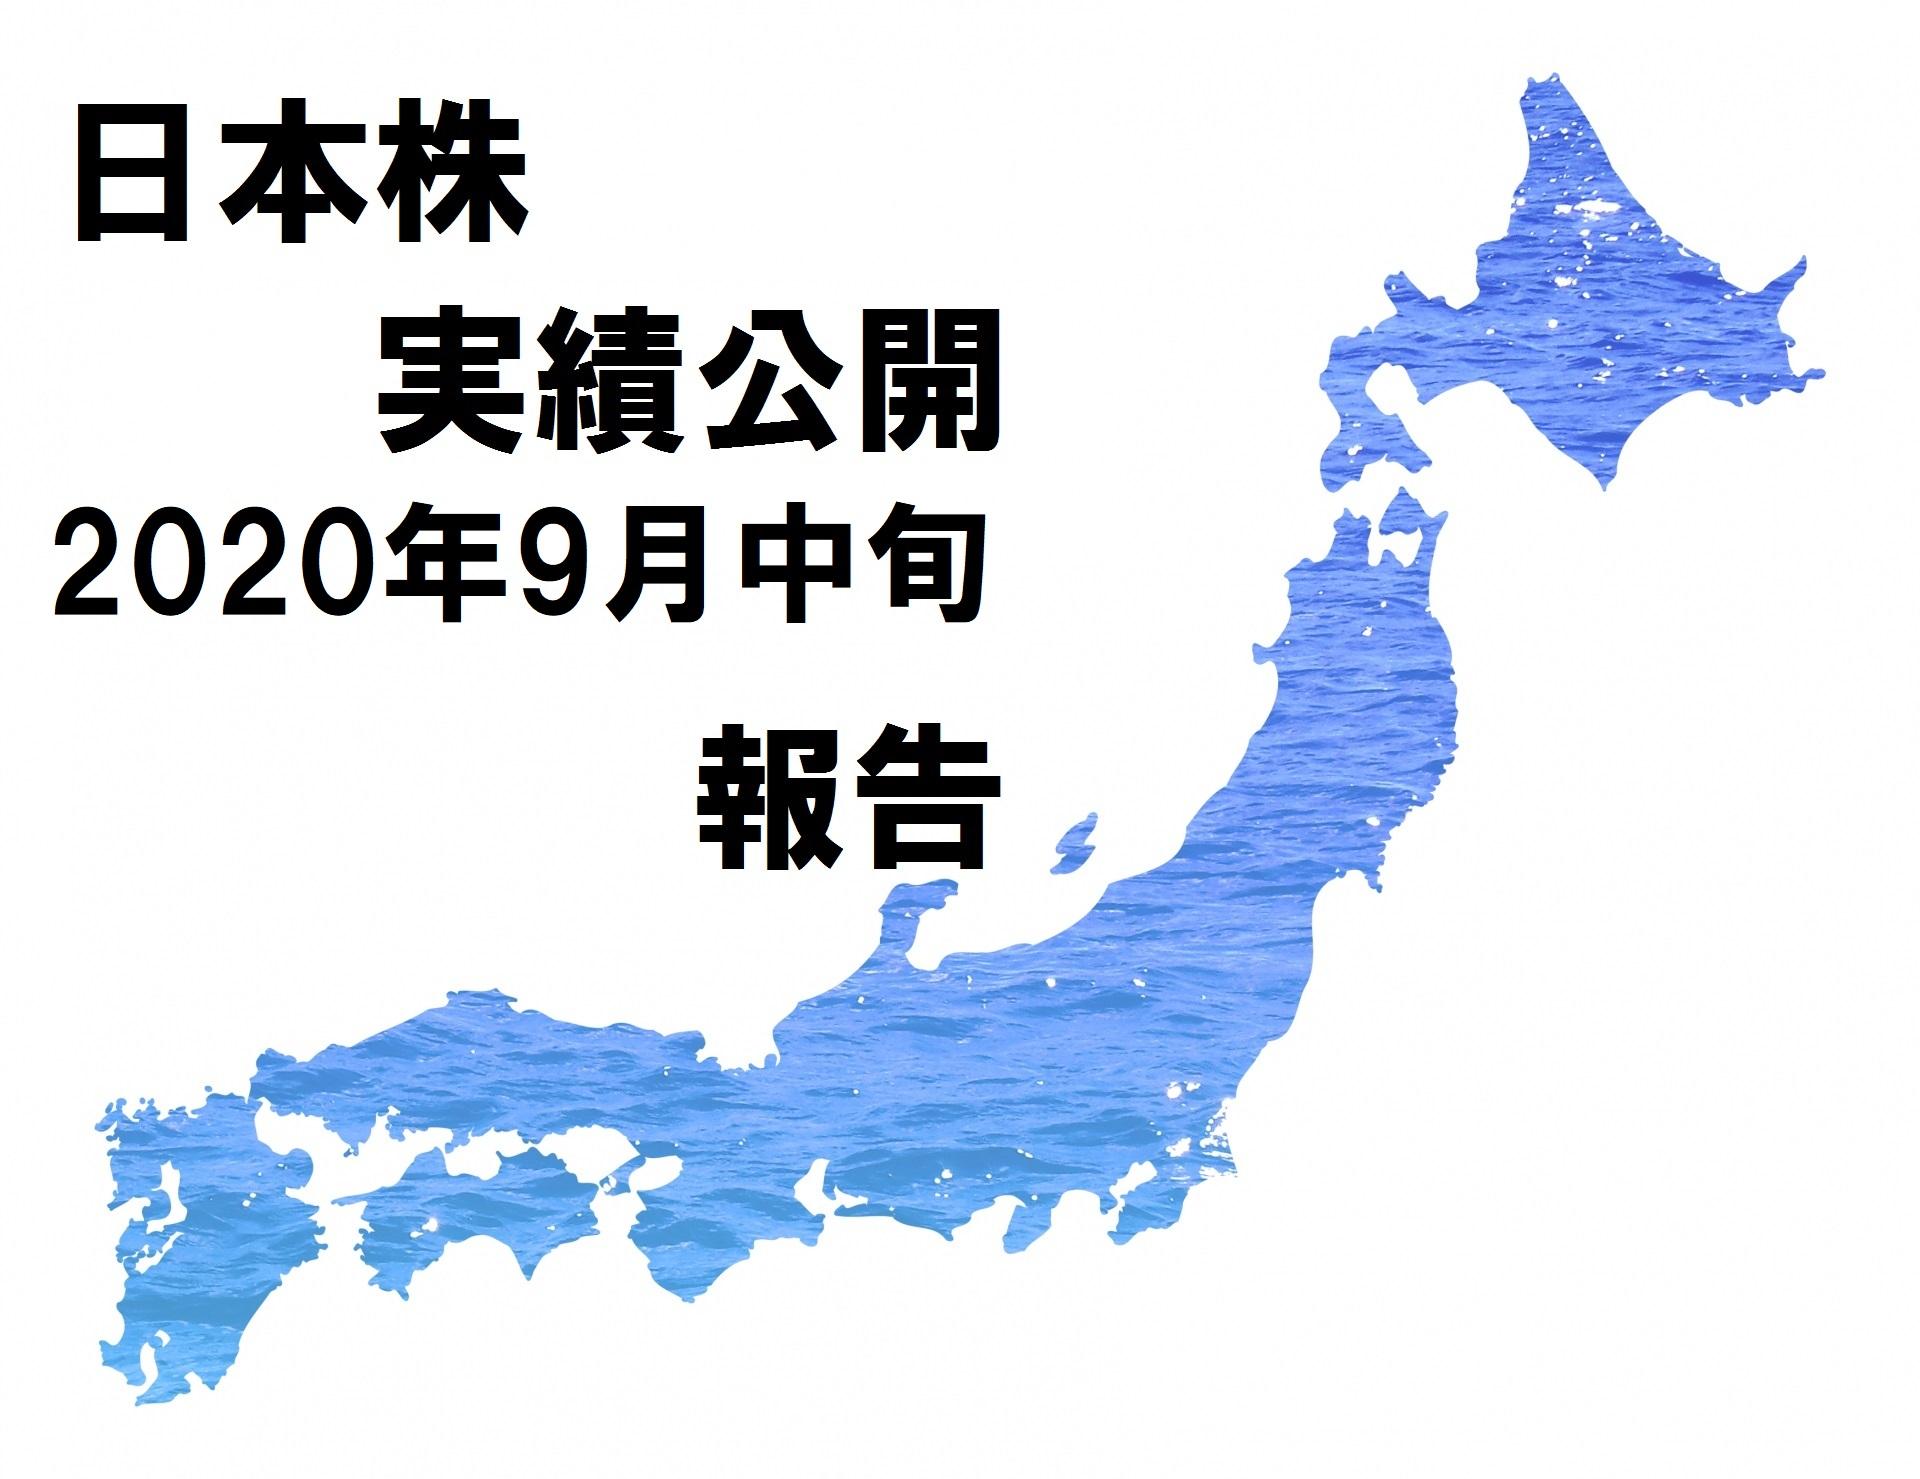 2020年9月中旬時点での日本株実績報告(新総理誕生でこの先どうなる。